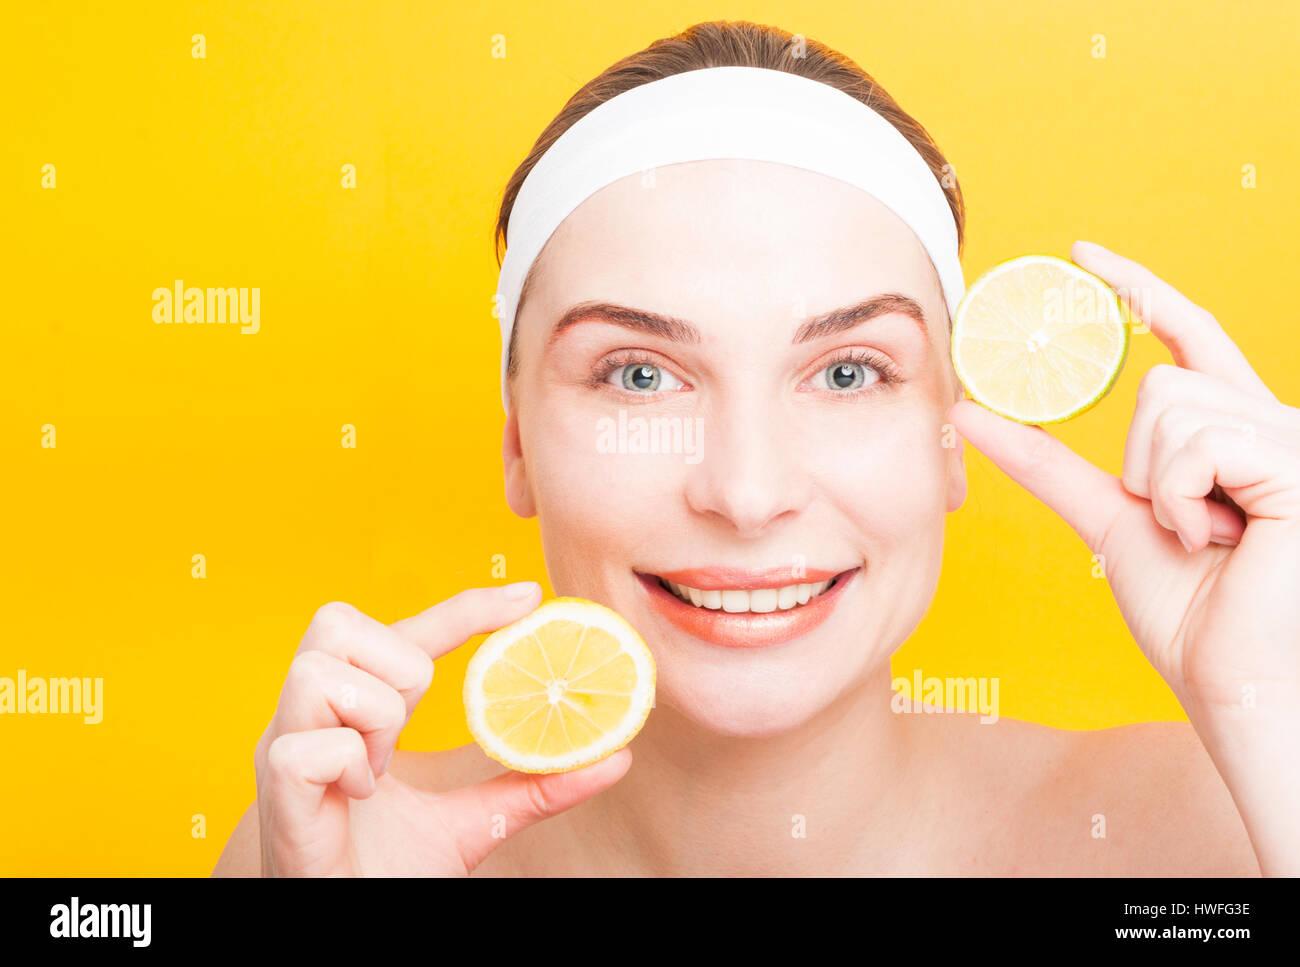 Concepto de belleza y cuidado de la piel con gozosa mujer mostrando rebanadas de limón y lima sobre fondo amarillo Imagen De Stock